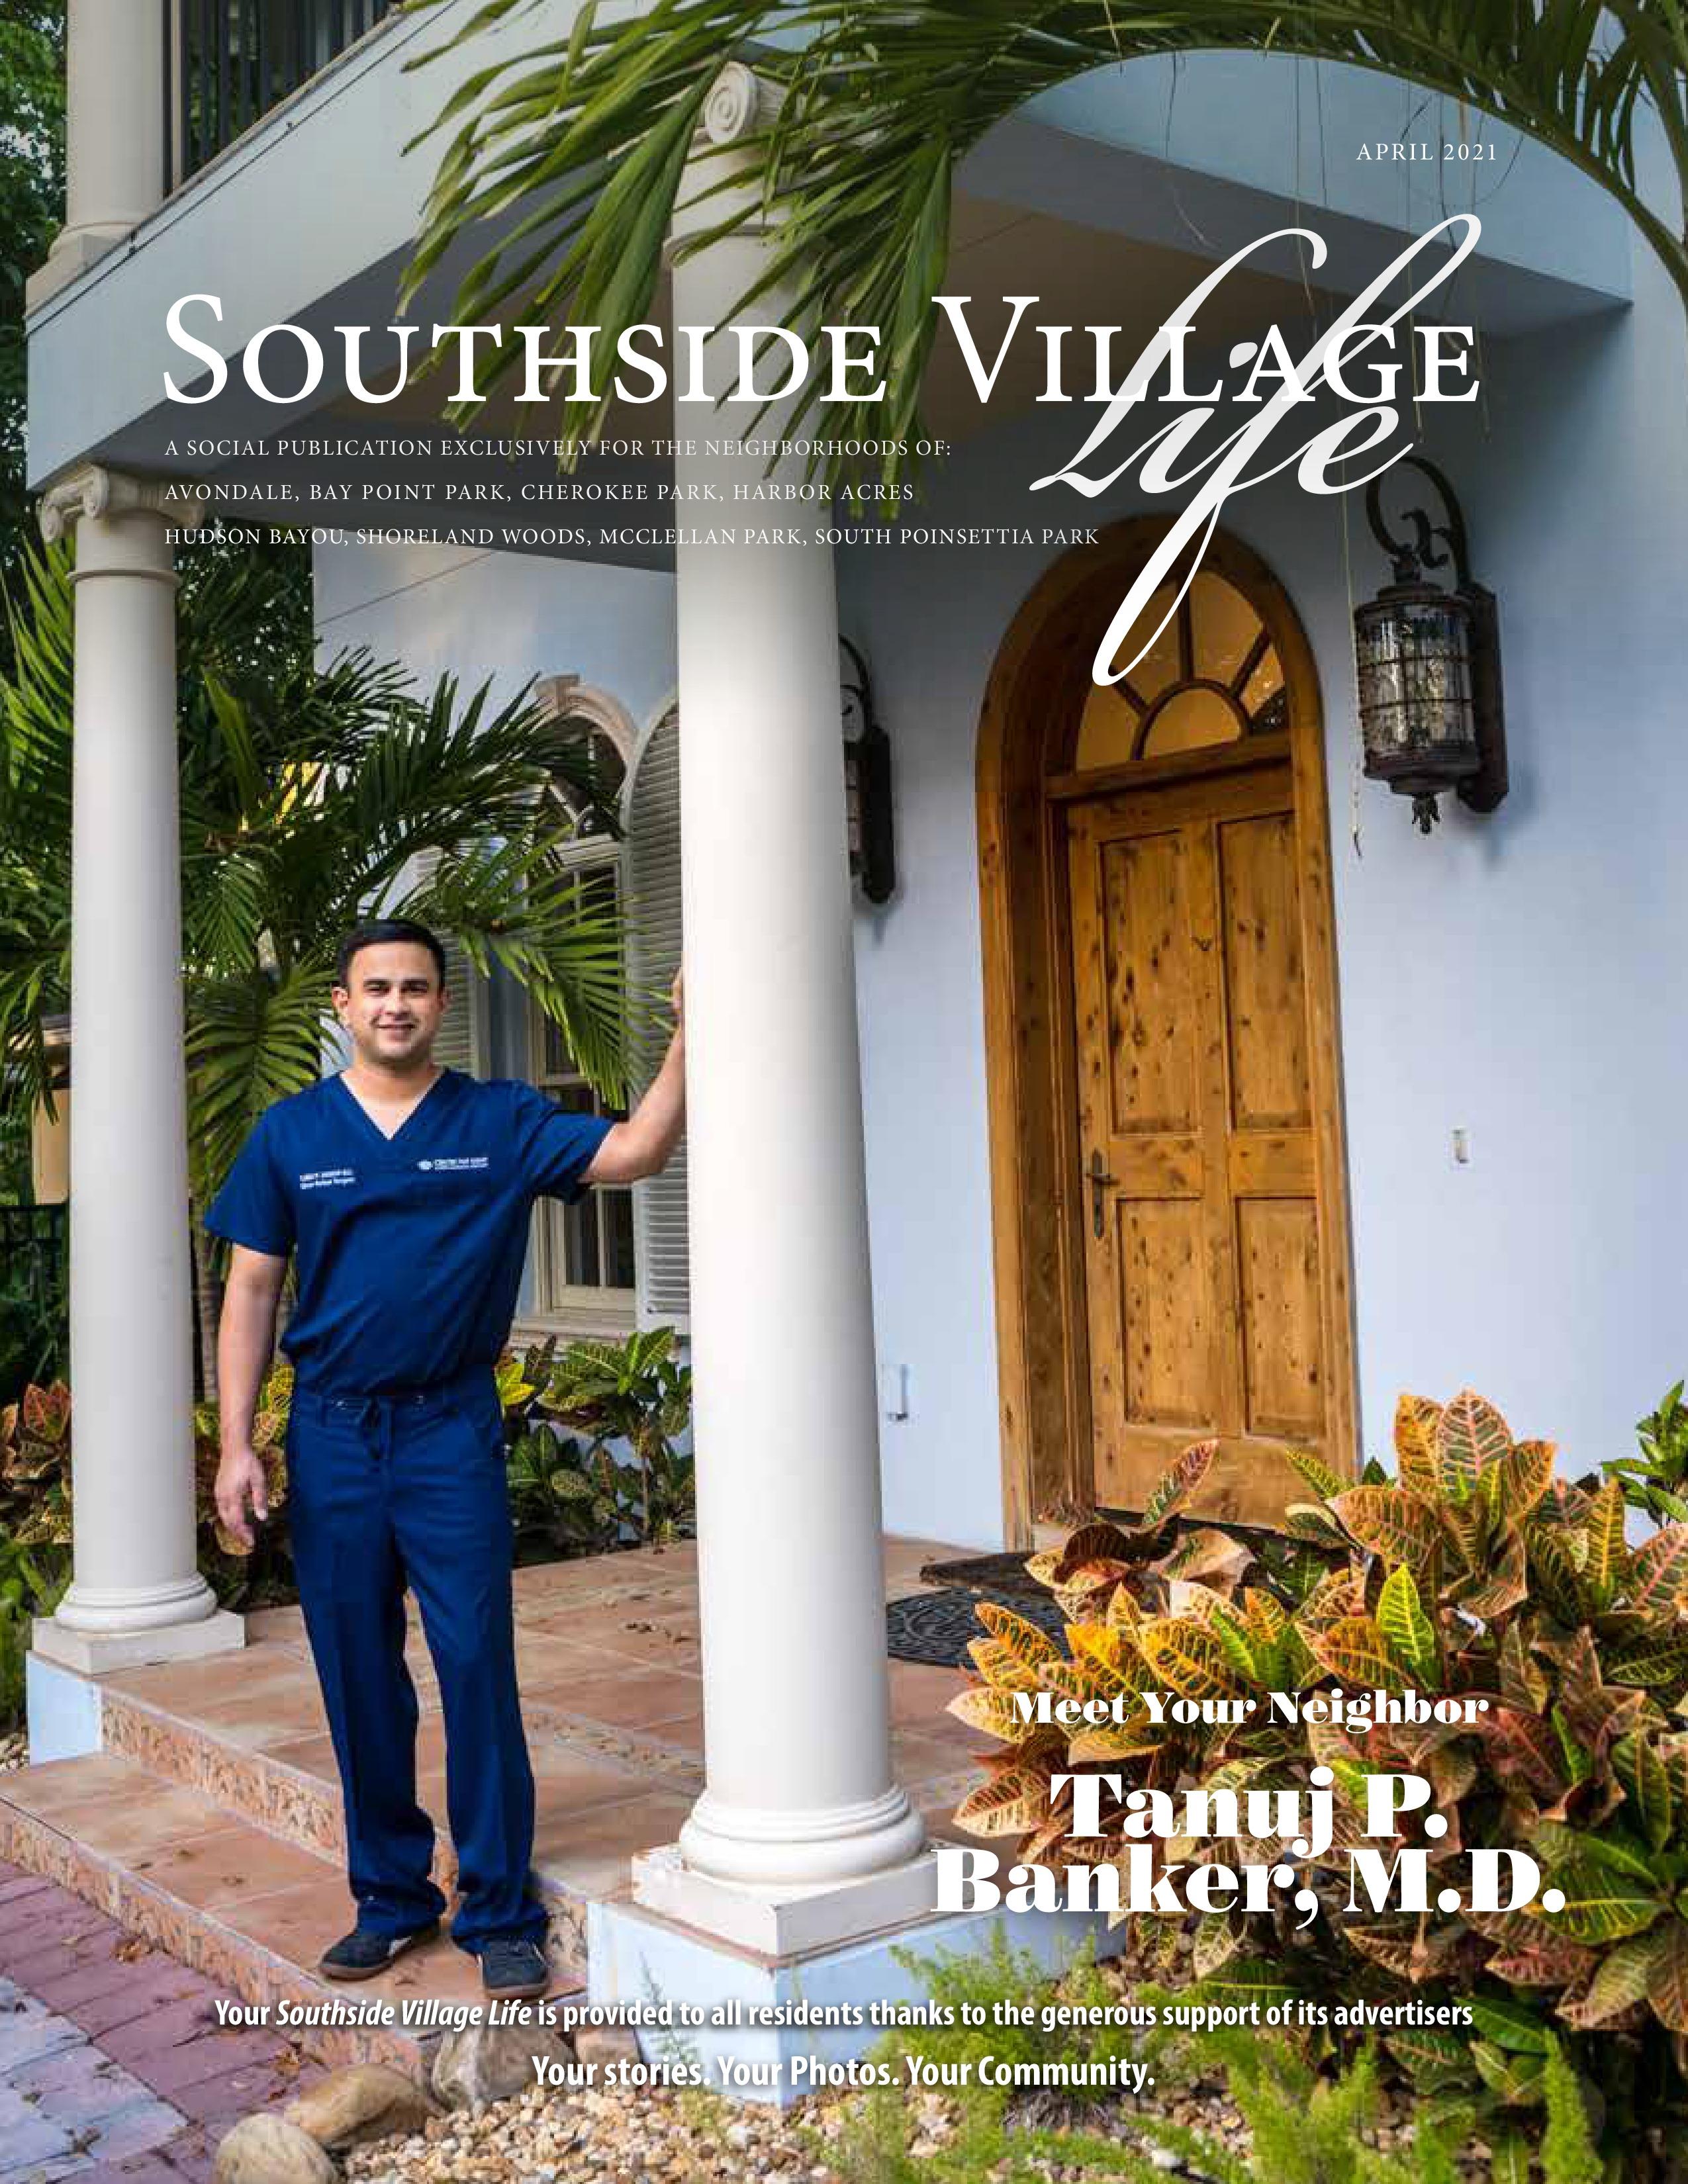 Southside Village Life 2021-04-01